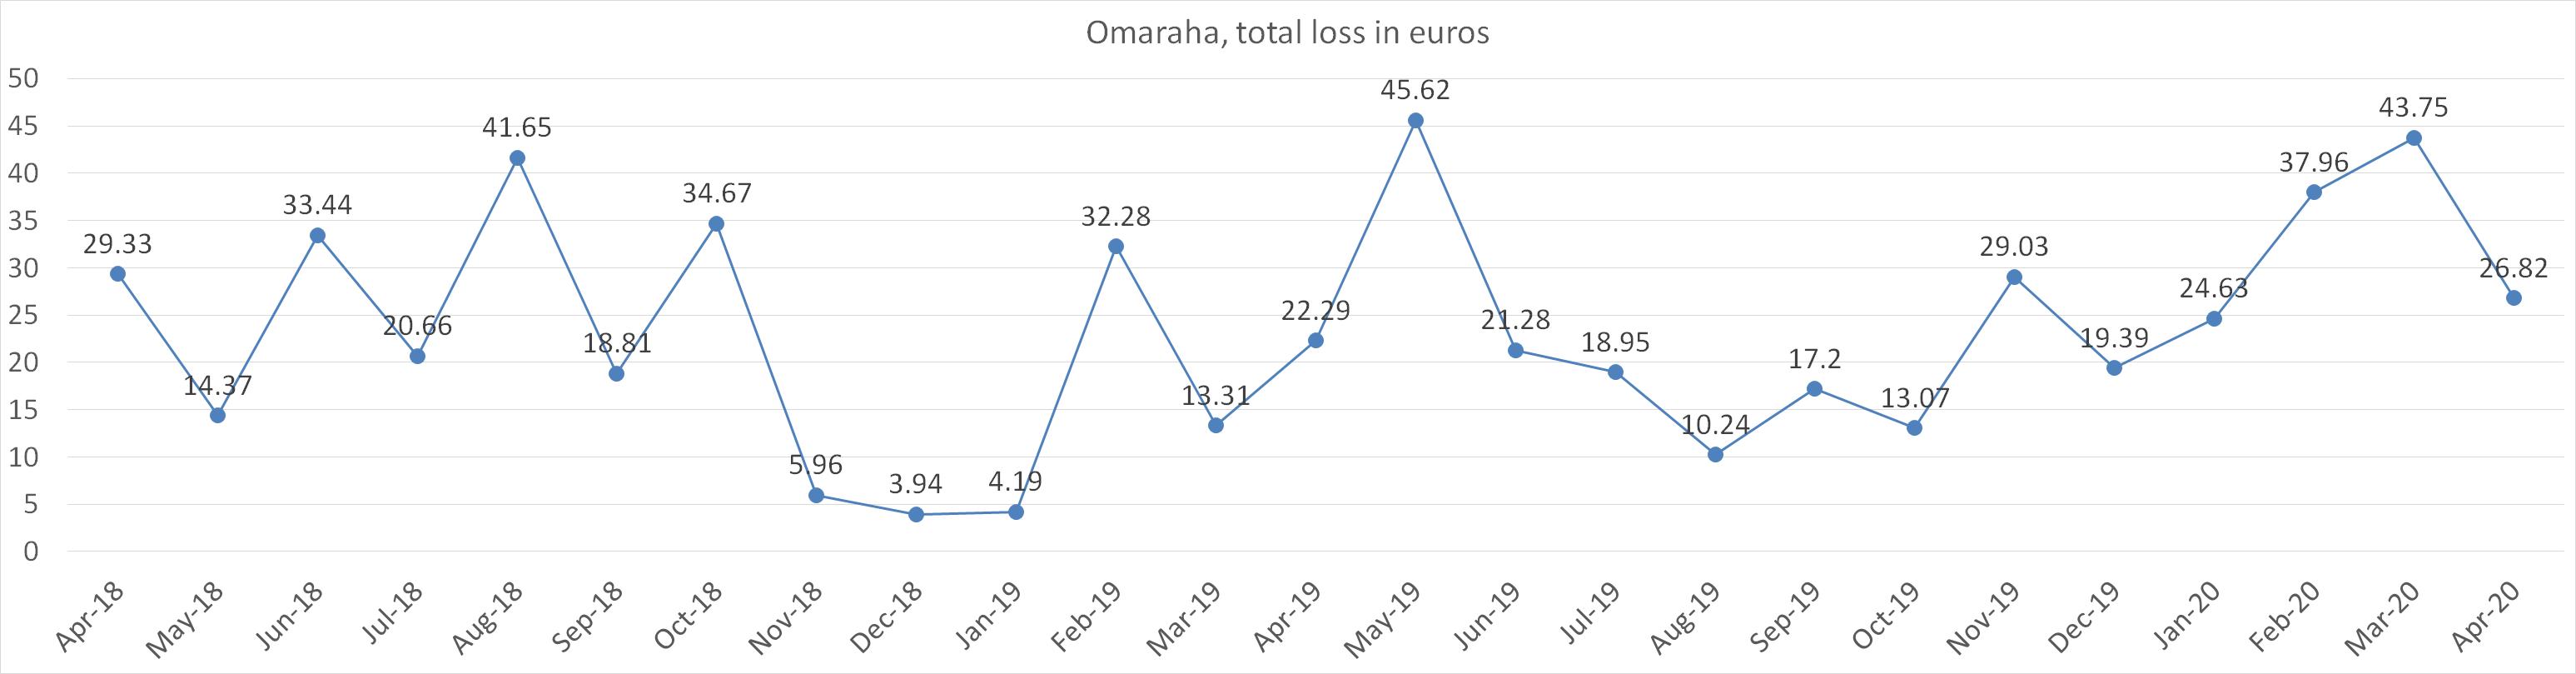 Omaraha total loss in euros april 2020